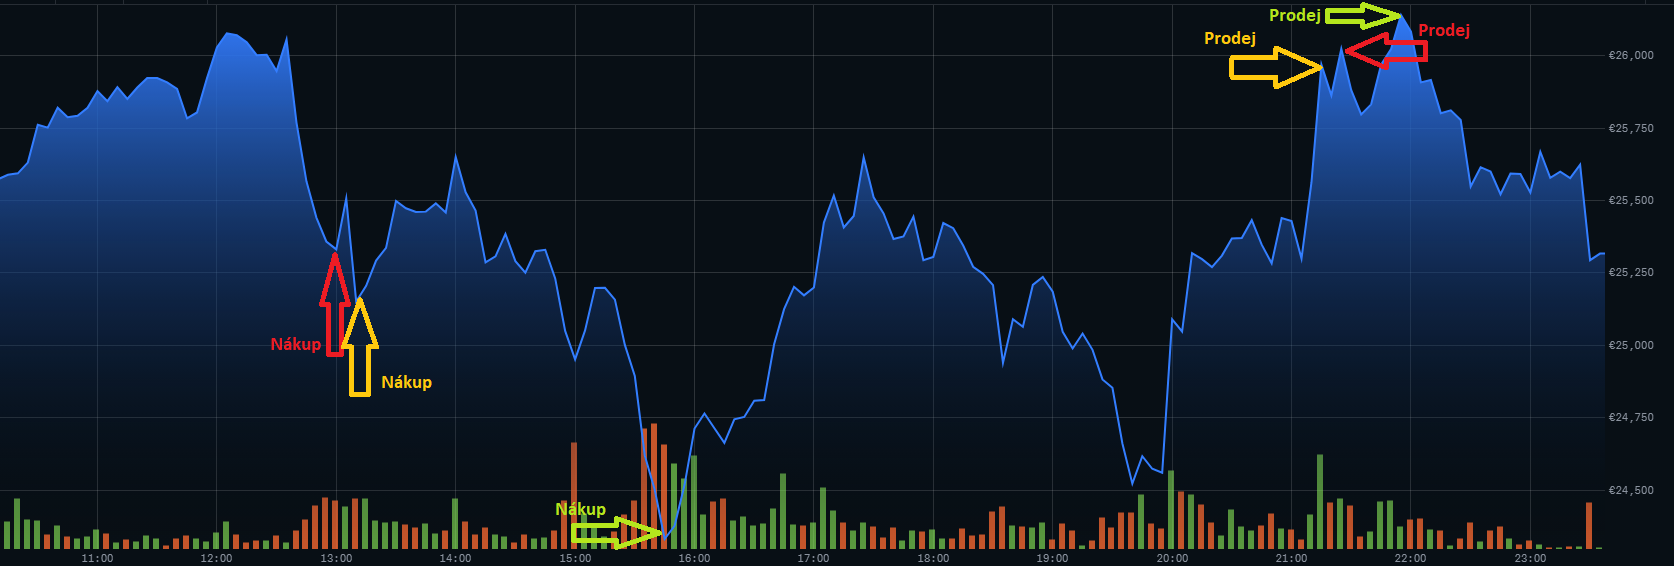 Znázornění průběhu ceny BTC během dne s vyznačením transakcí